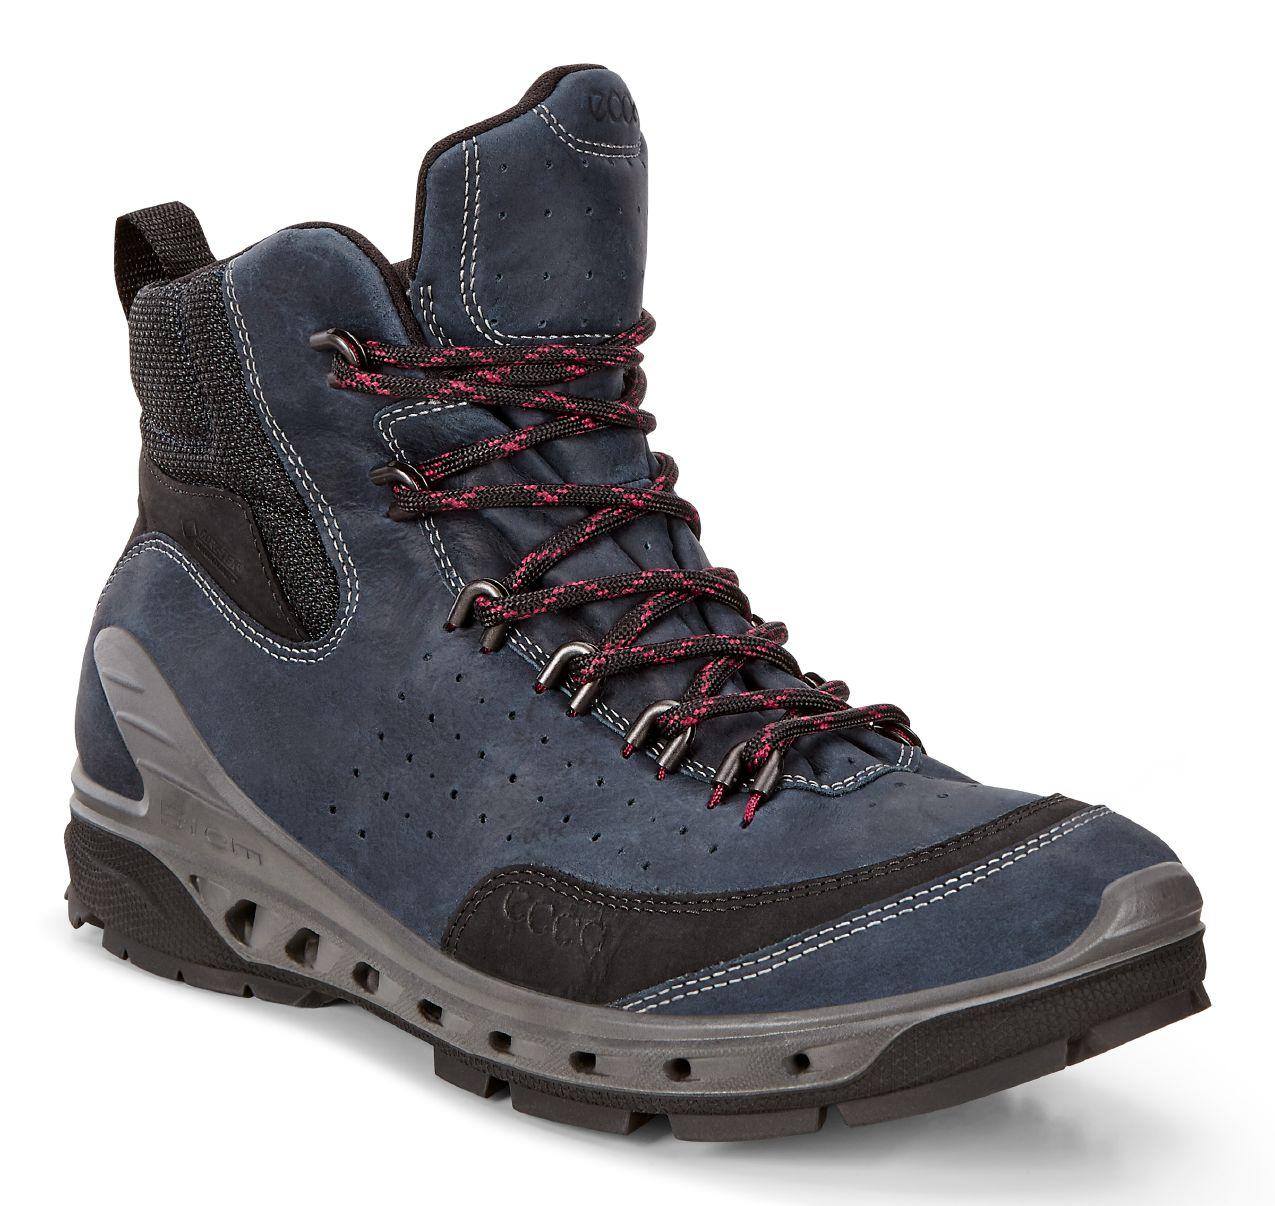 爱步ECCO女鞋854603牦牛皮透气防水防滑保暖户外休闲短靴子BIOM